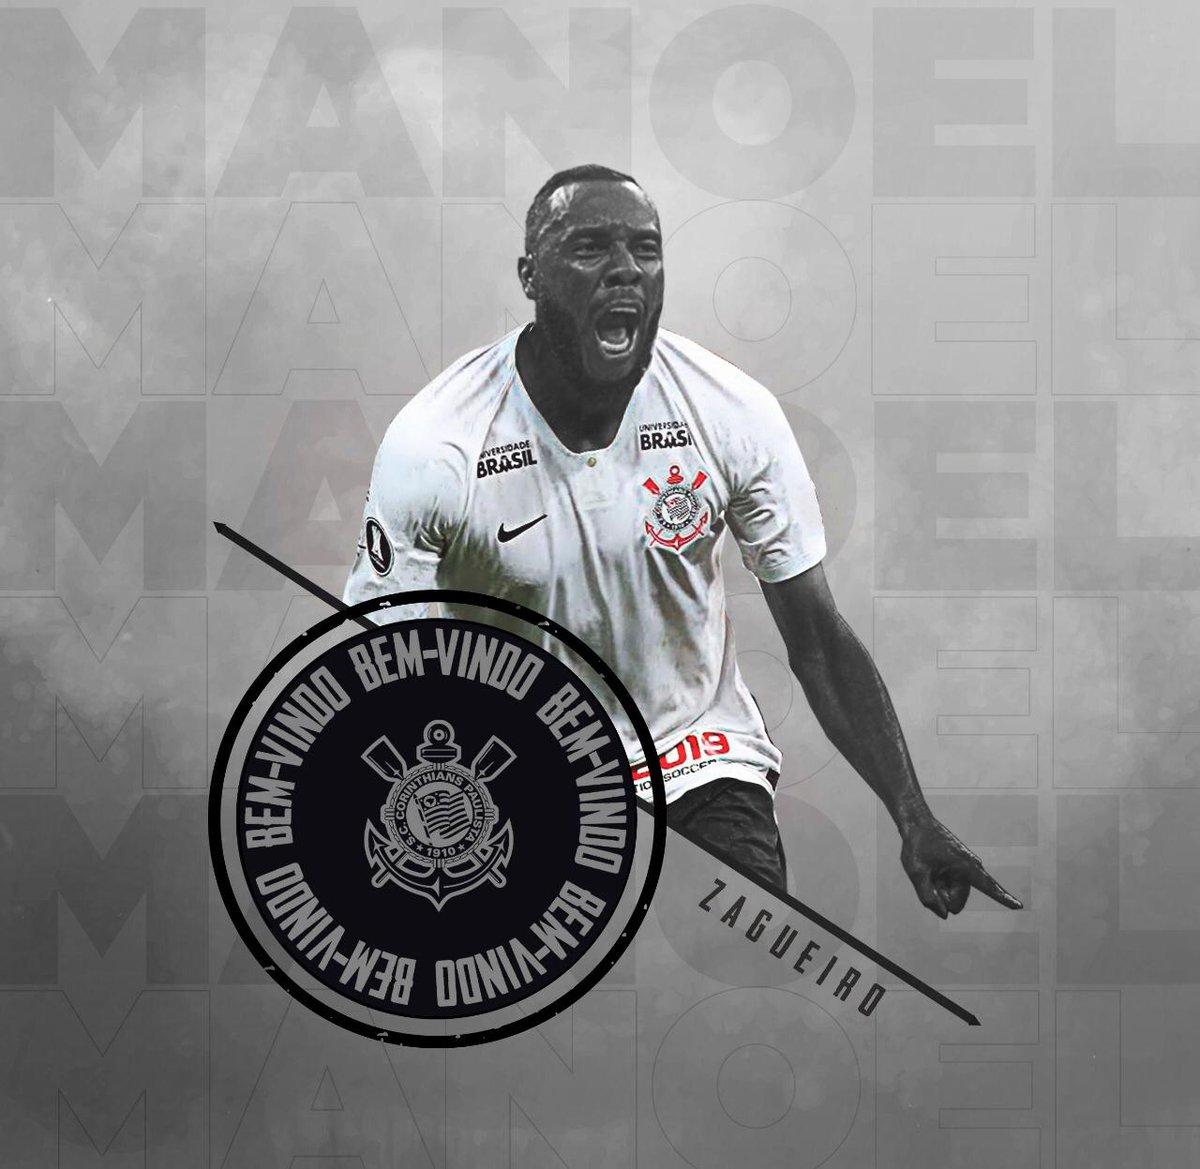 🖊 Assinou! Manoel é o novo reforço do Corinthians. O contrato do zagueiro com o Timão é válido até dezembro de 2019.  #BemVindoManoel #VaiCorinthians